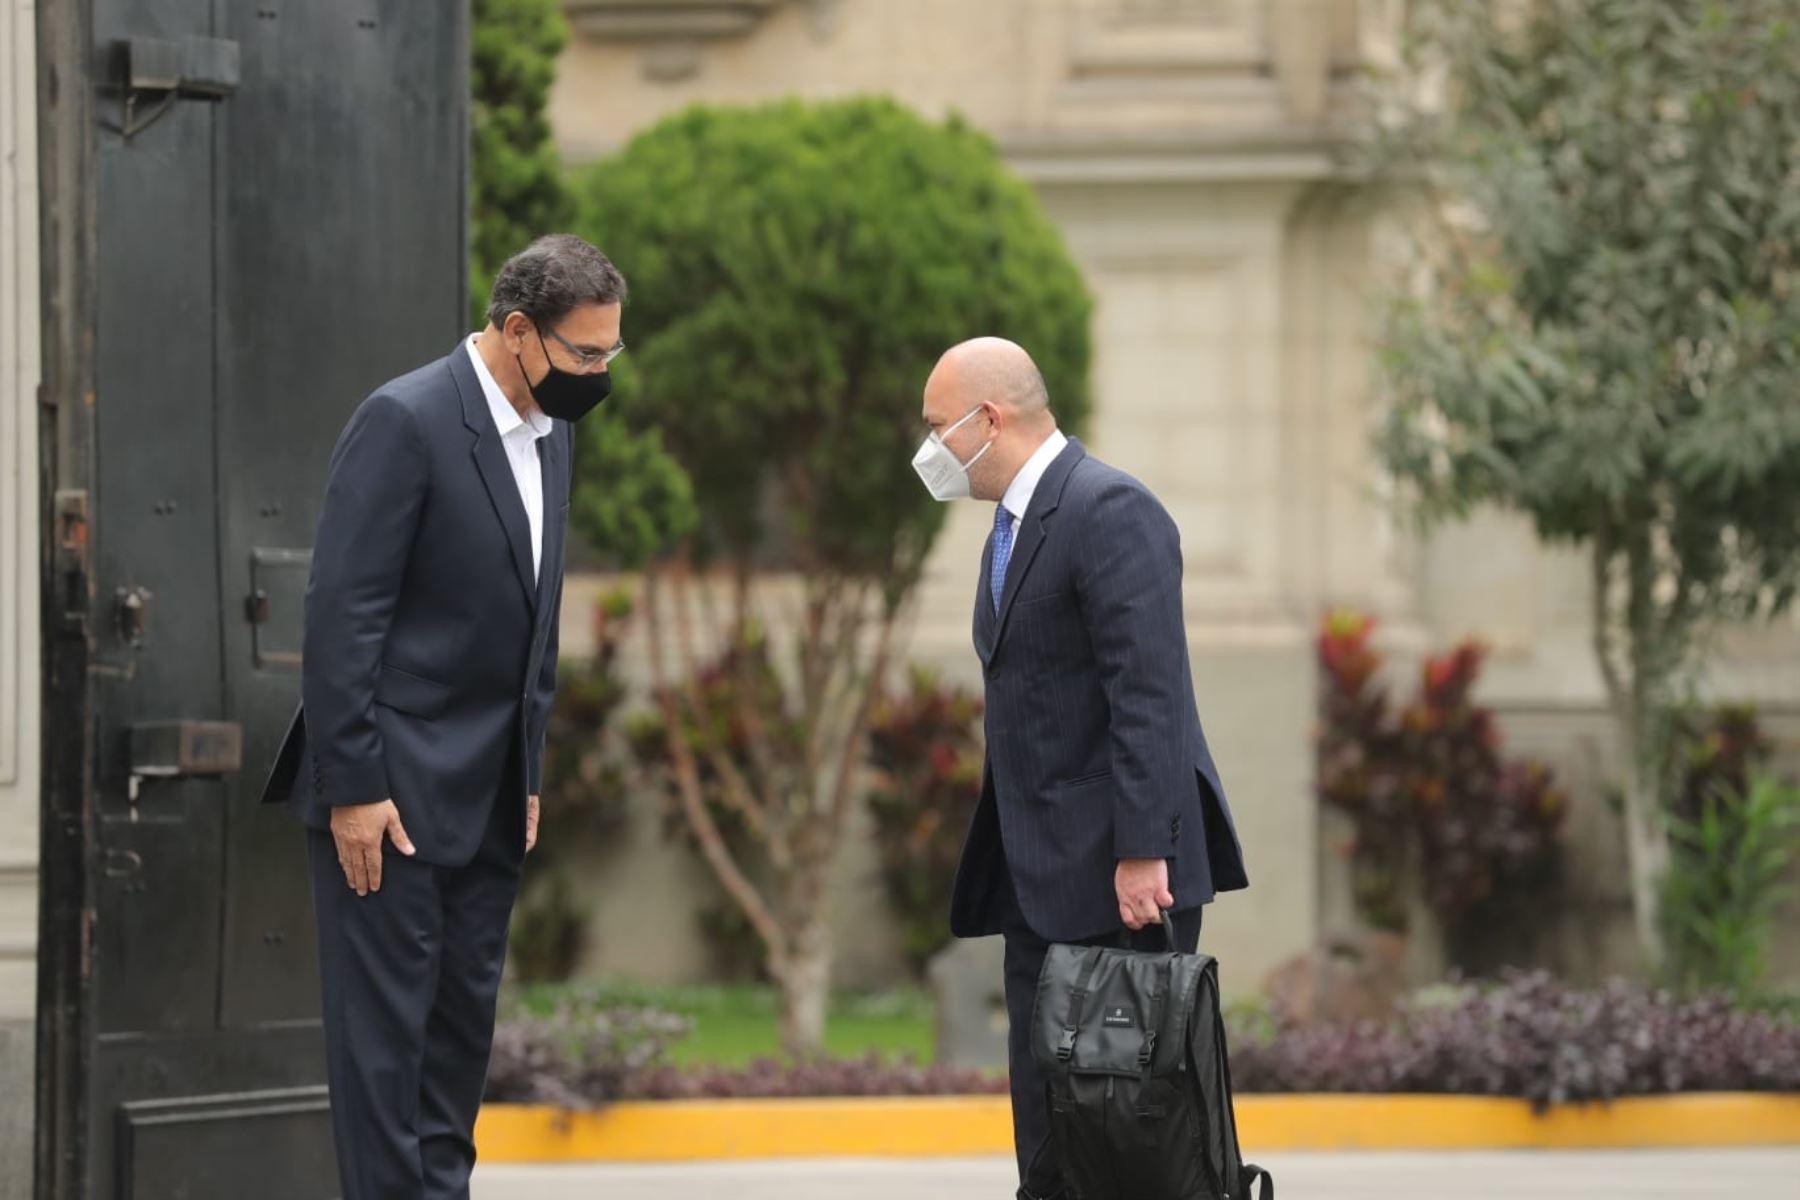 El presidente Martín Vizcarra acompaña hasta los exteriores de Palacio de Gobierno a su abogado, Roberto Pereira Chumbe, quien estará a cargo de su defensa legal en el proceso de vacancia que se realizará en el Congreso.